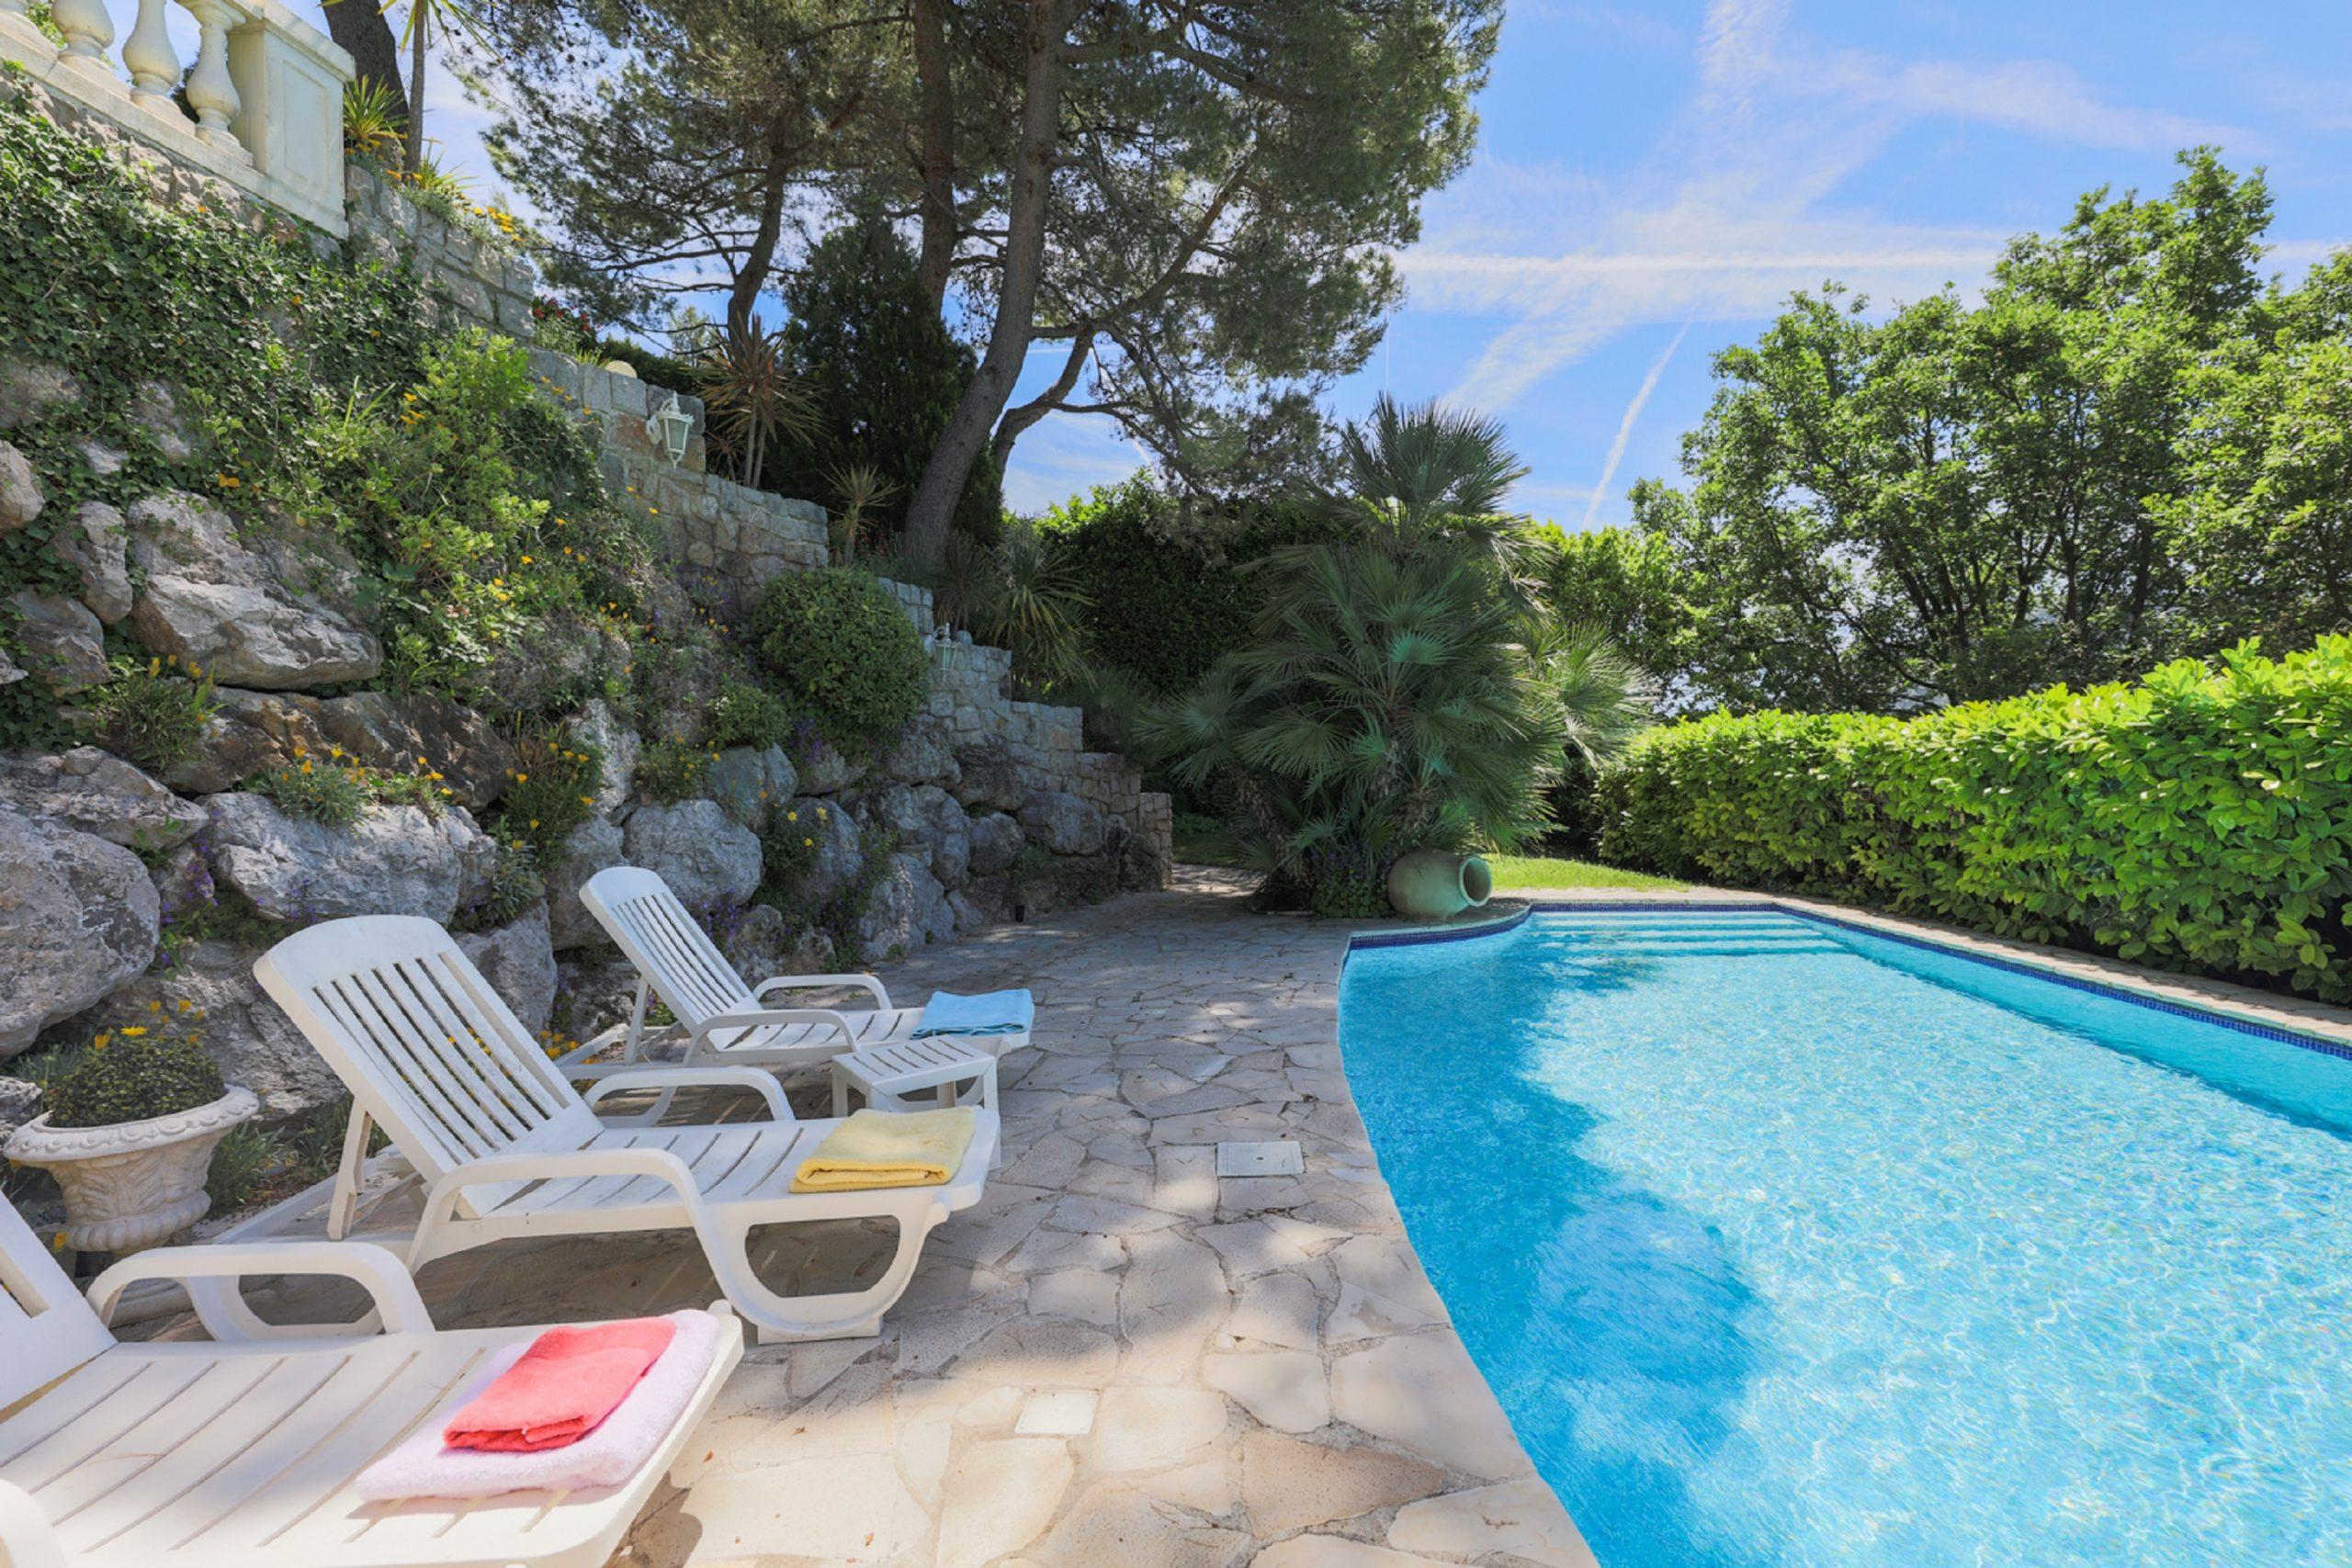 Tourrette-Levens – Grande villa provençale sur un terrain arboré avec piscine